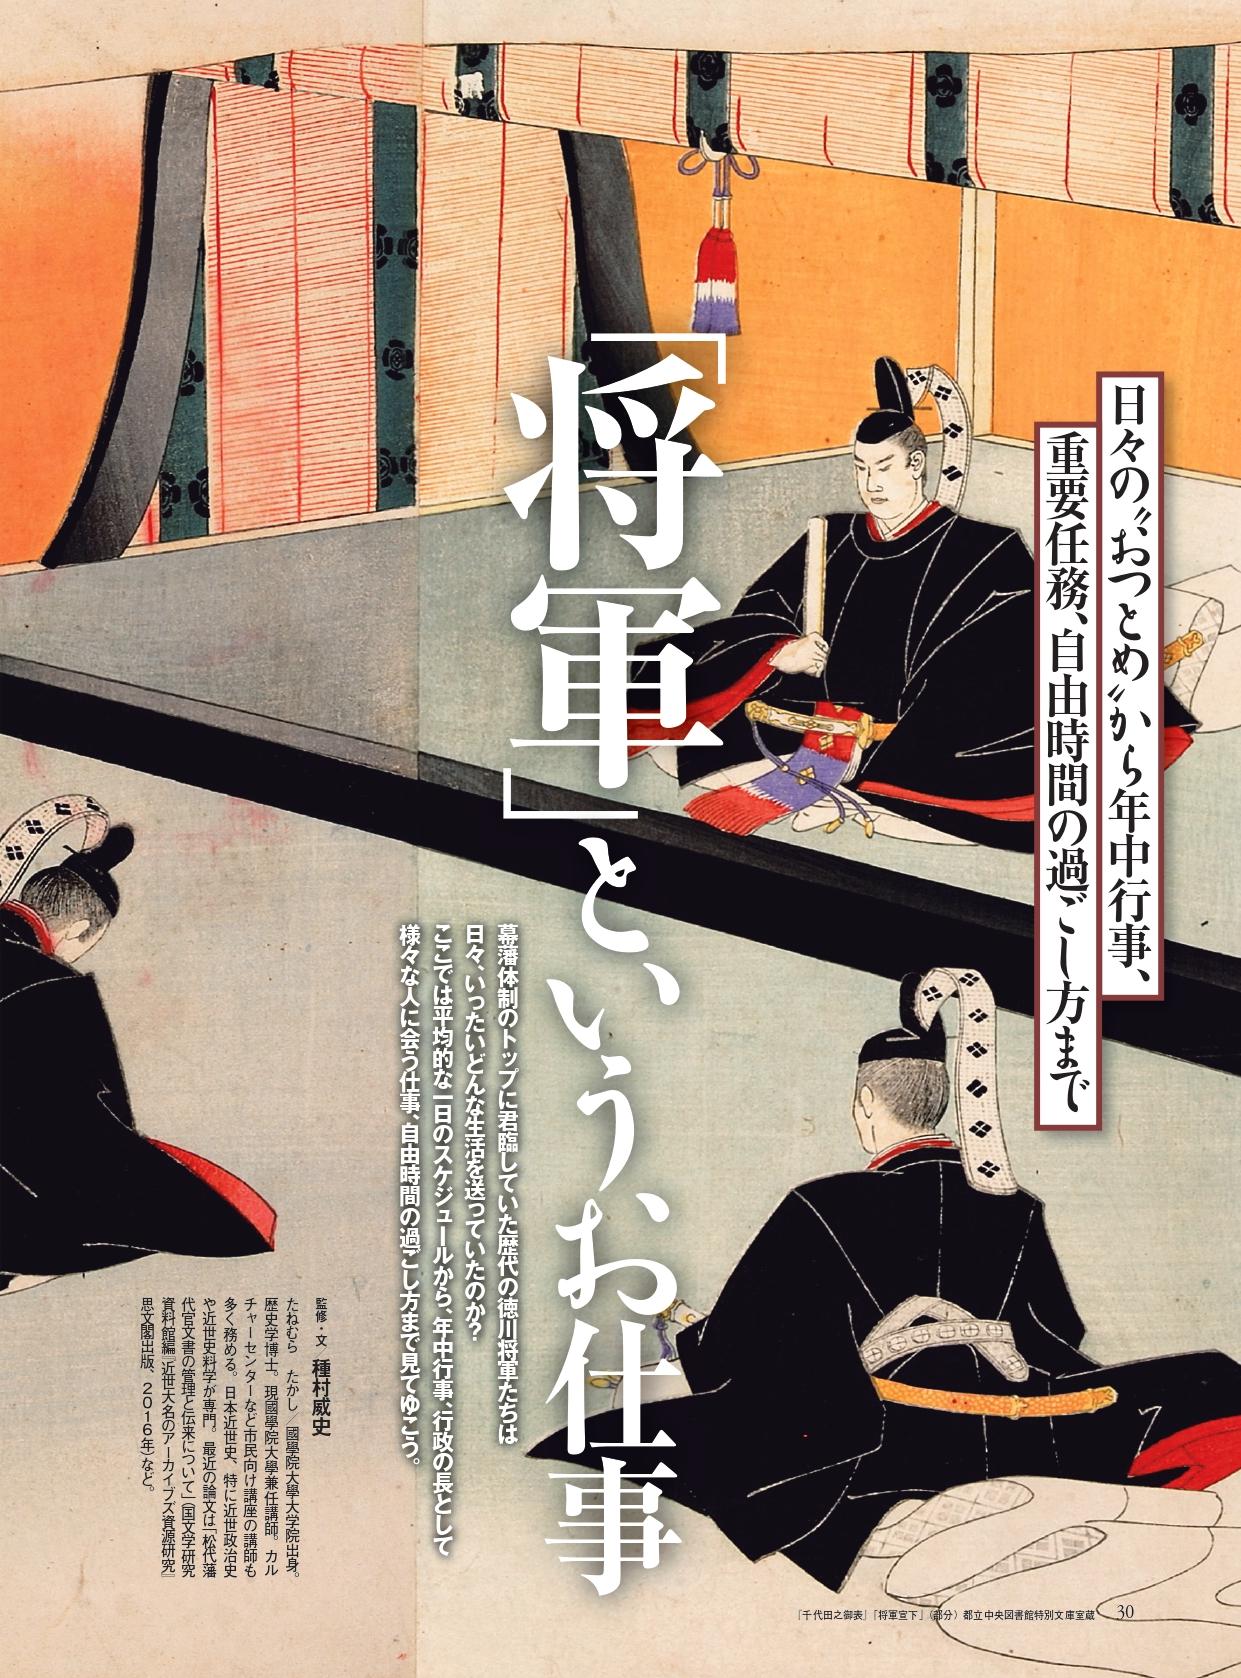 [保存版特集]天下泰平260年の幕藩体制を支えた『徳川将軍15代の真実』の目次画像3